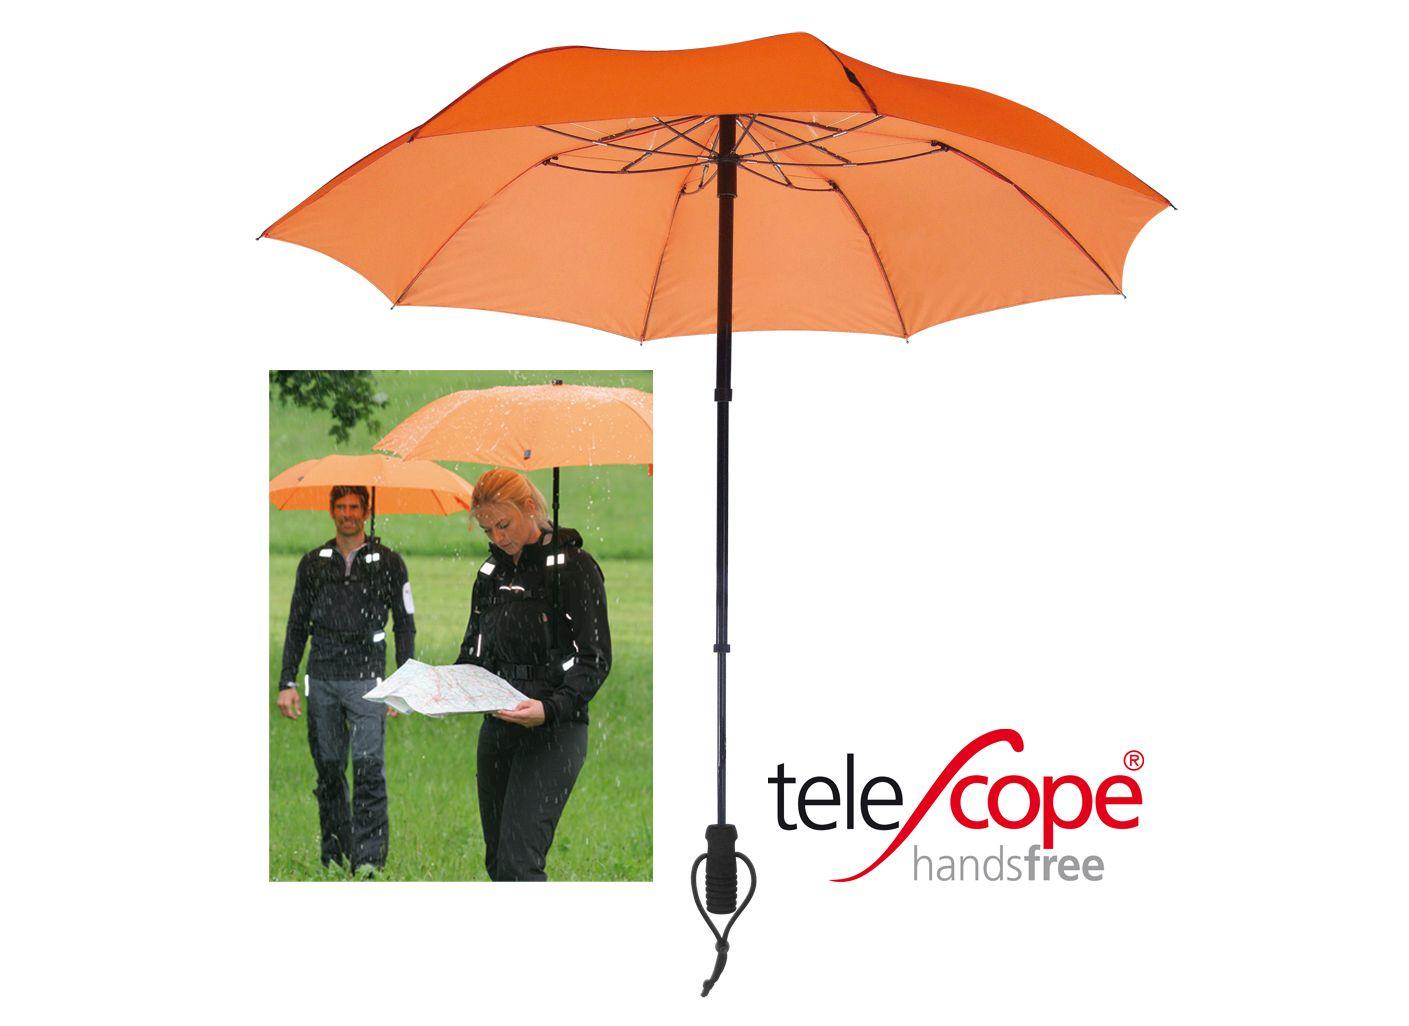 EUROSCHIRM® Euroschirm® Regenschirm, »teleScope handsfree«